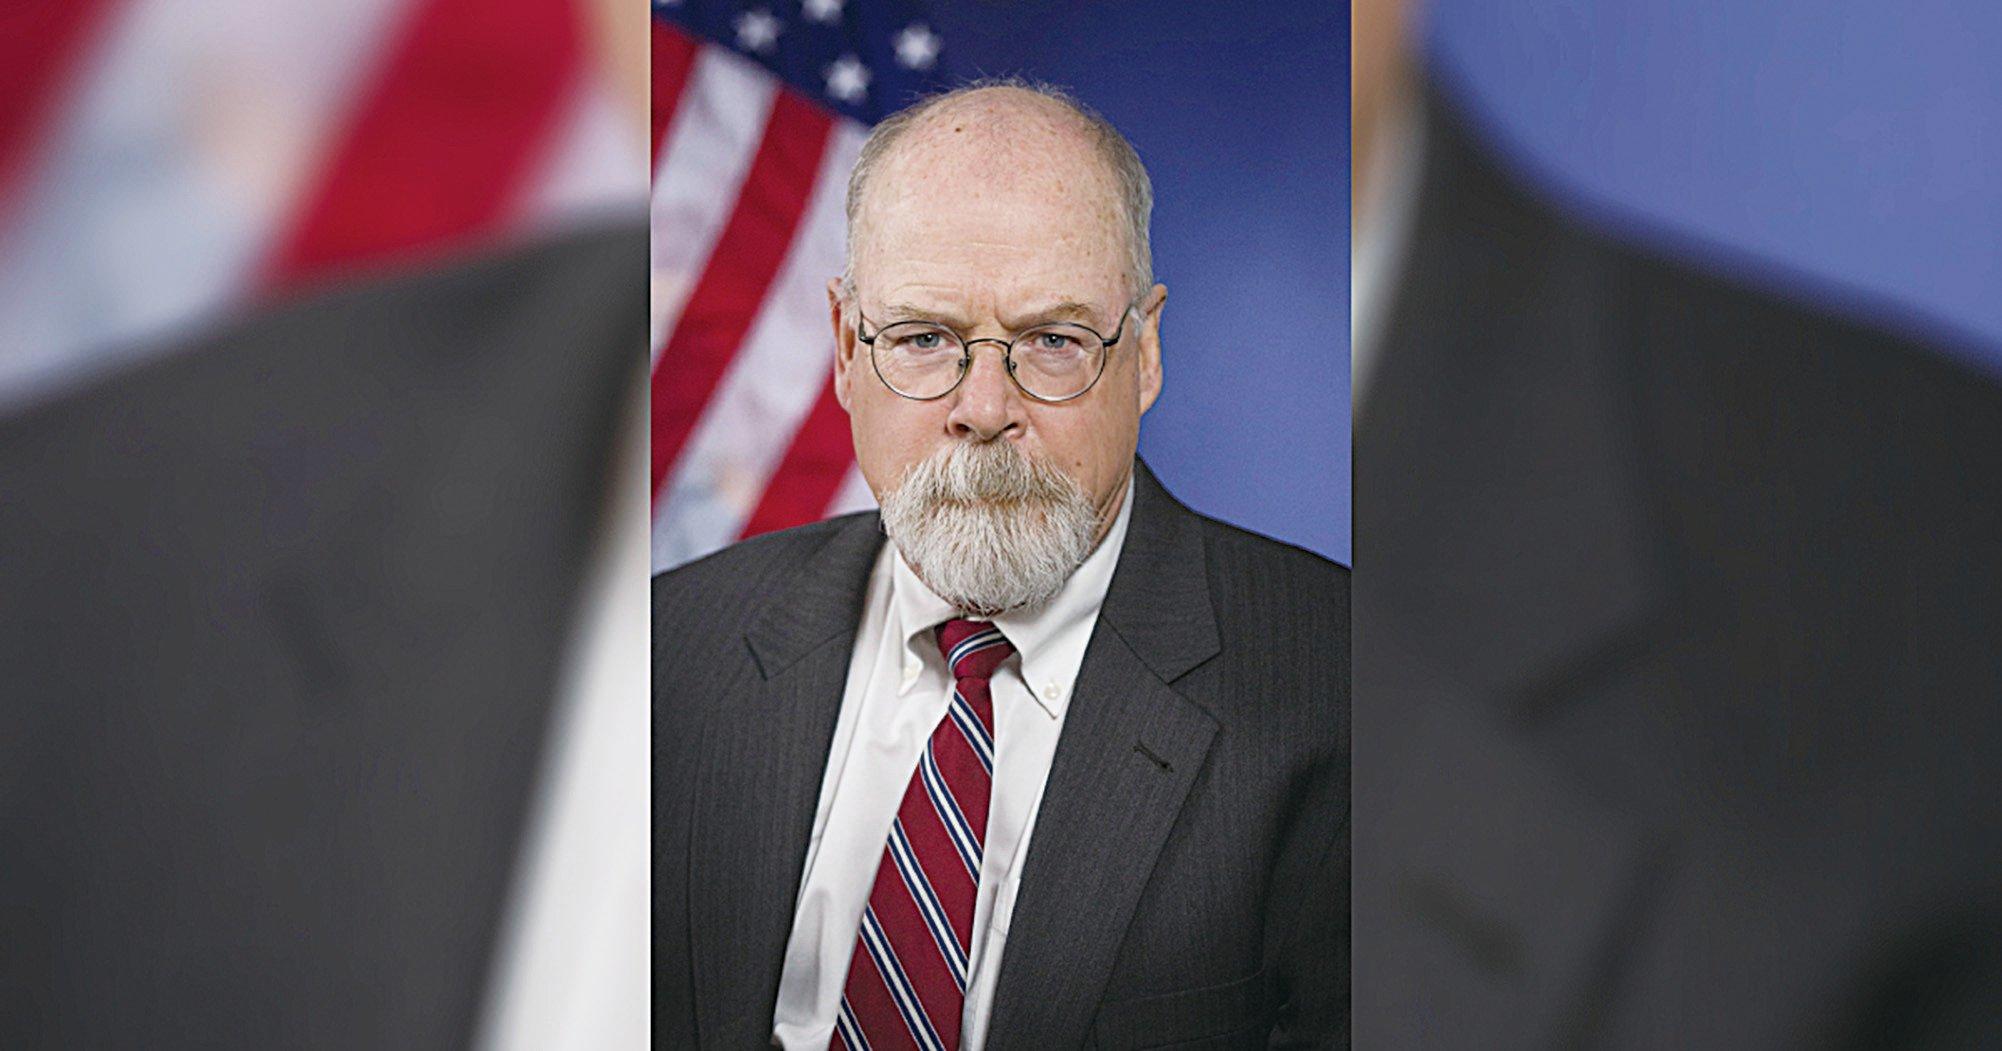 來自康涅狄格州的美國聯邦檢察官約翰達勒姆(John H. Durham)。(United States Department of Justice)